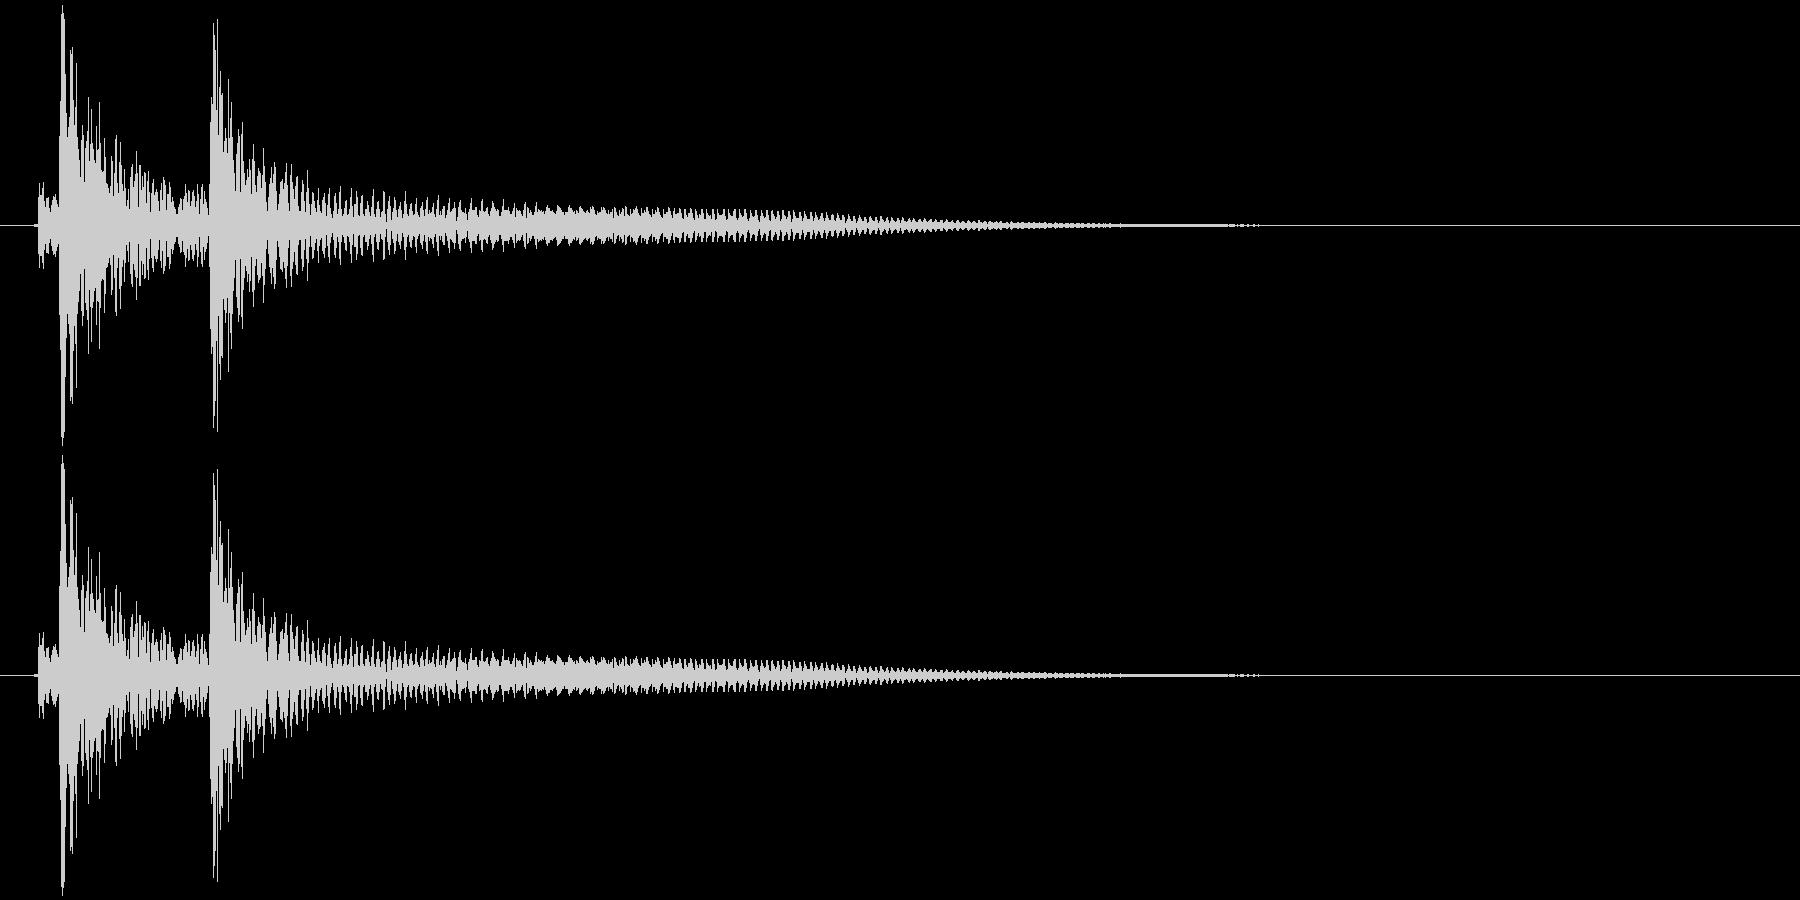 沖縄風クリック・タップ音3の未再生の波形